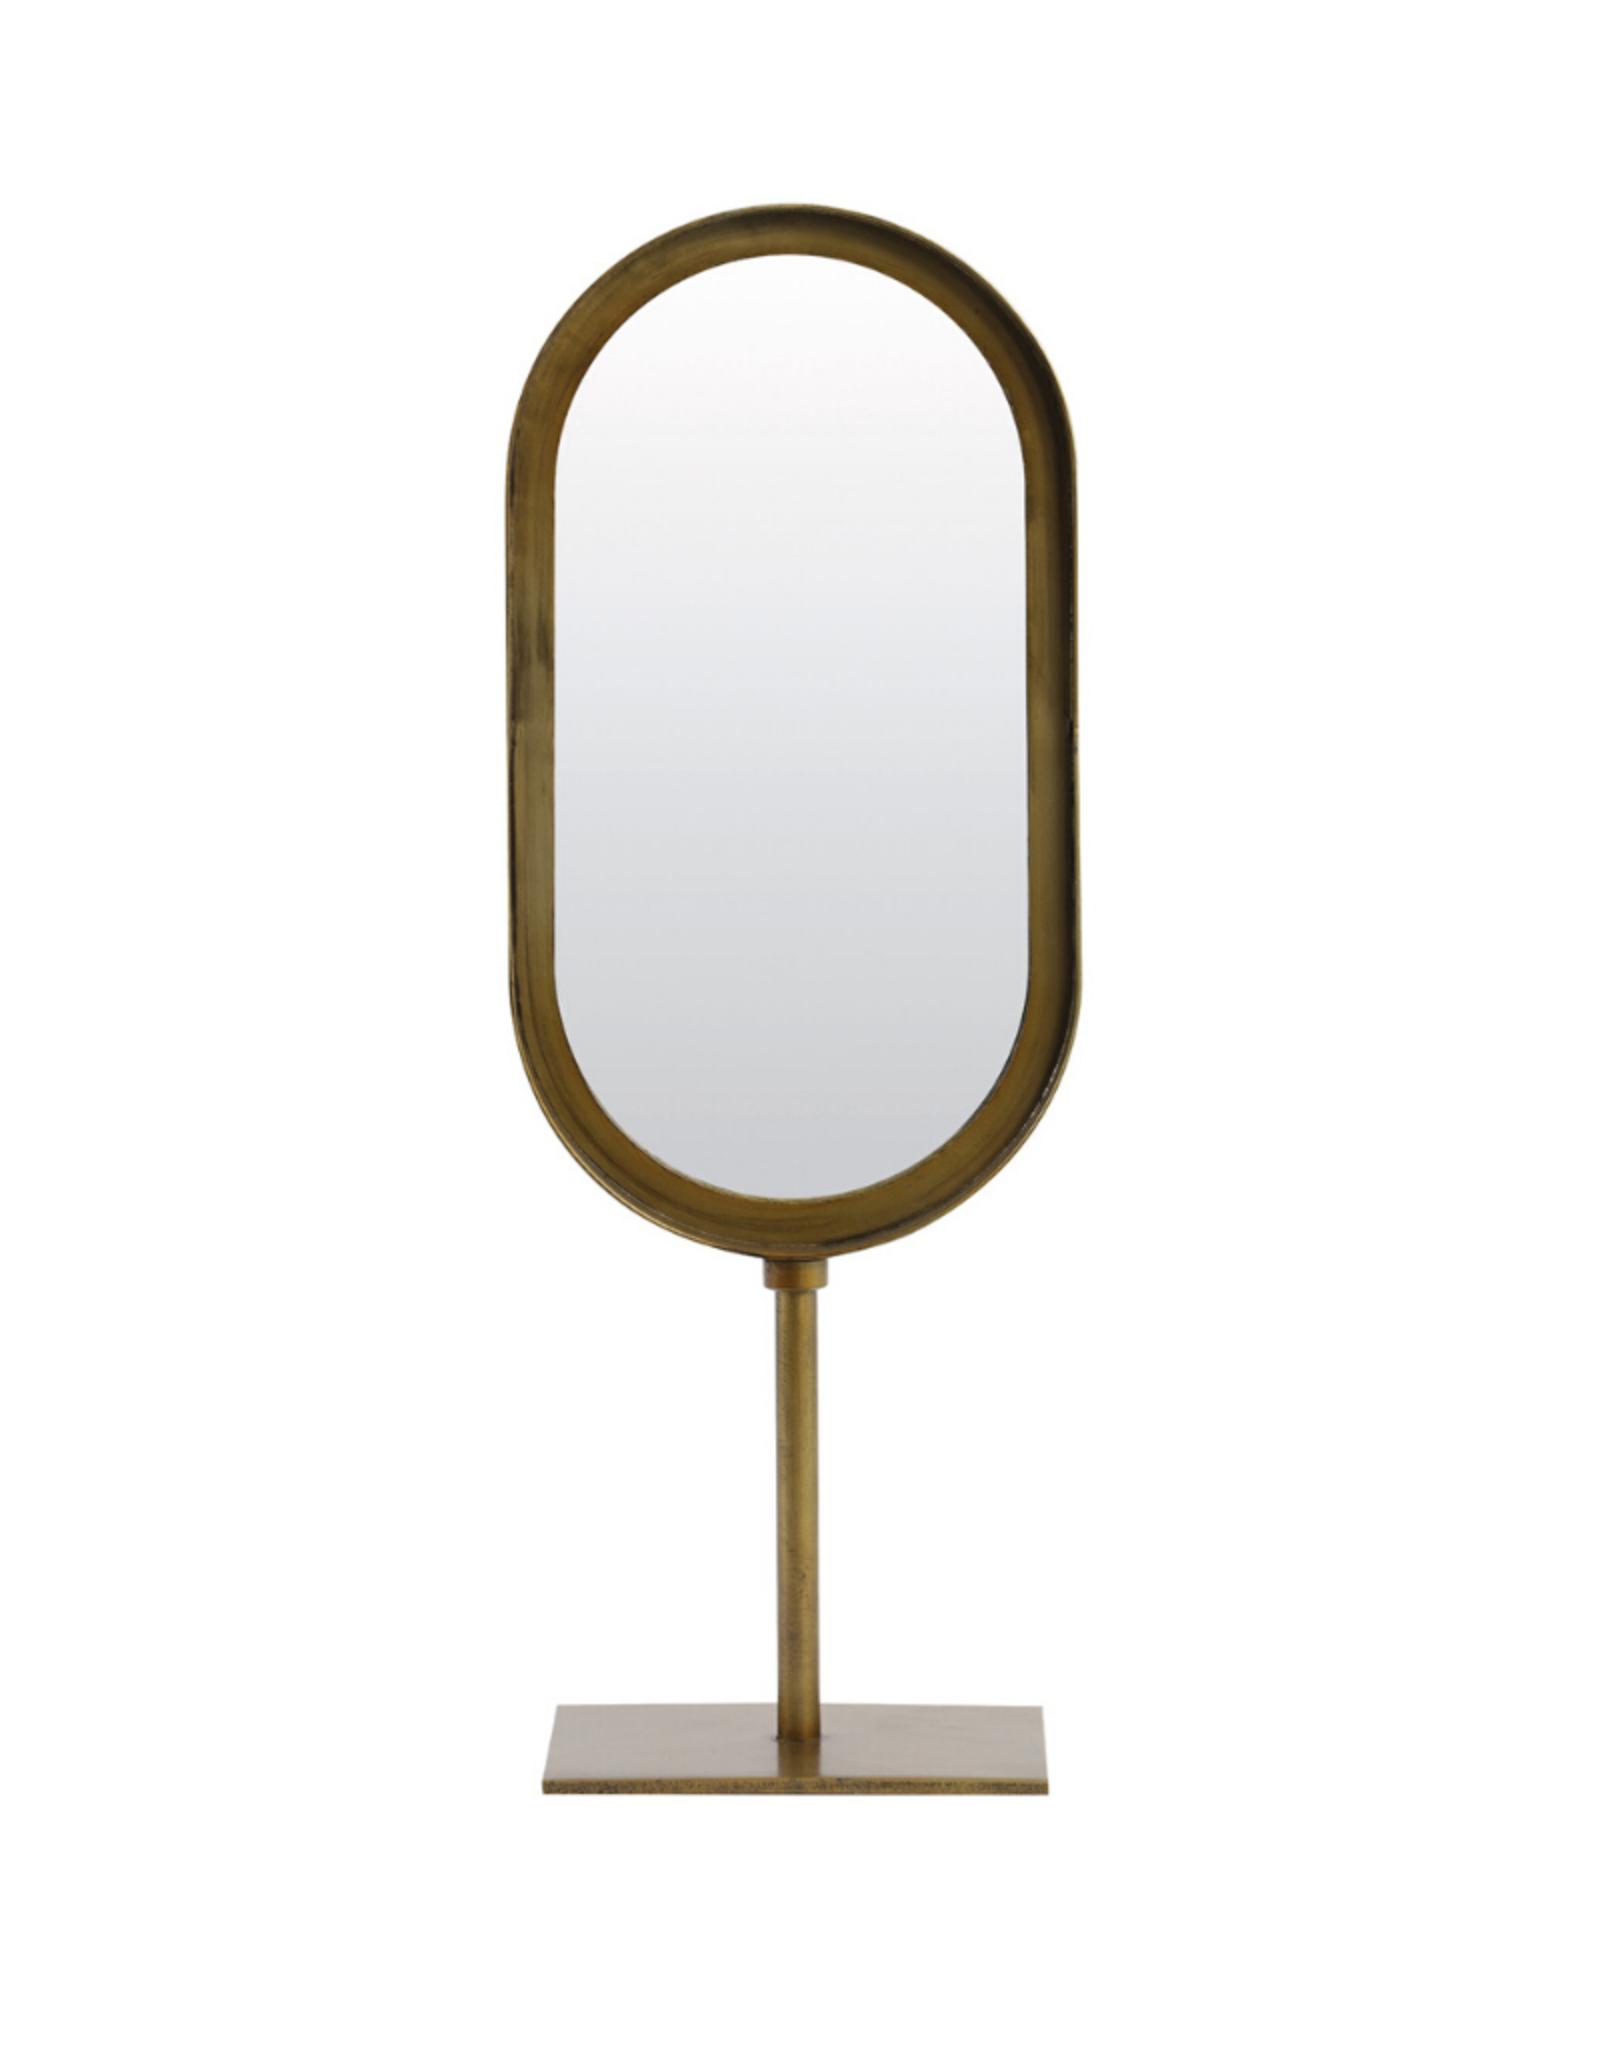 Staande Spiegel Ovaal Brons H45cm